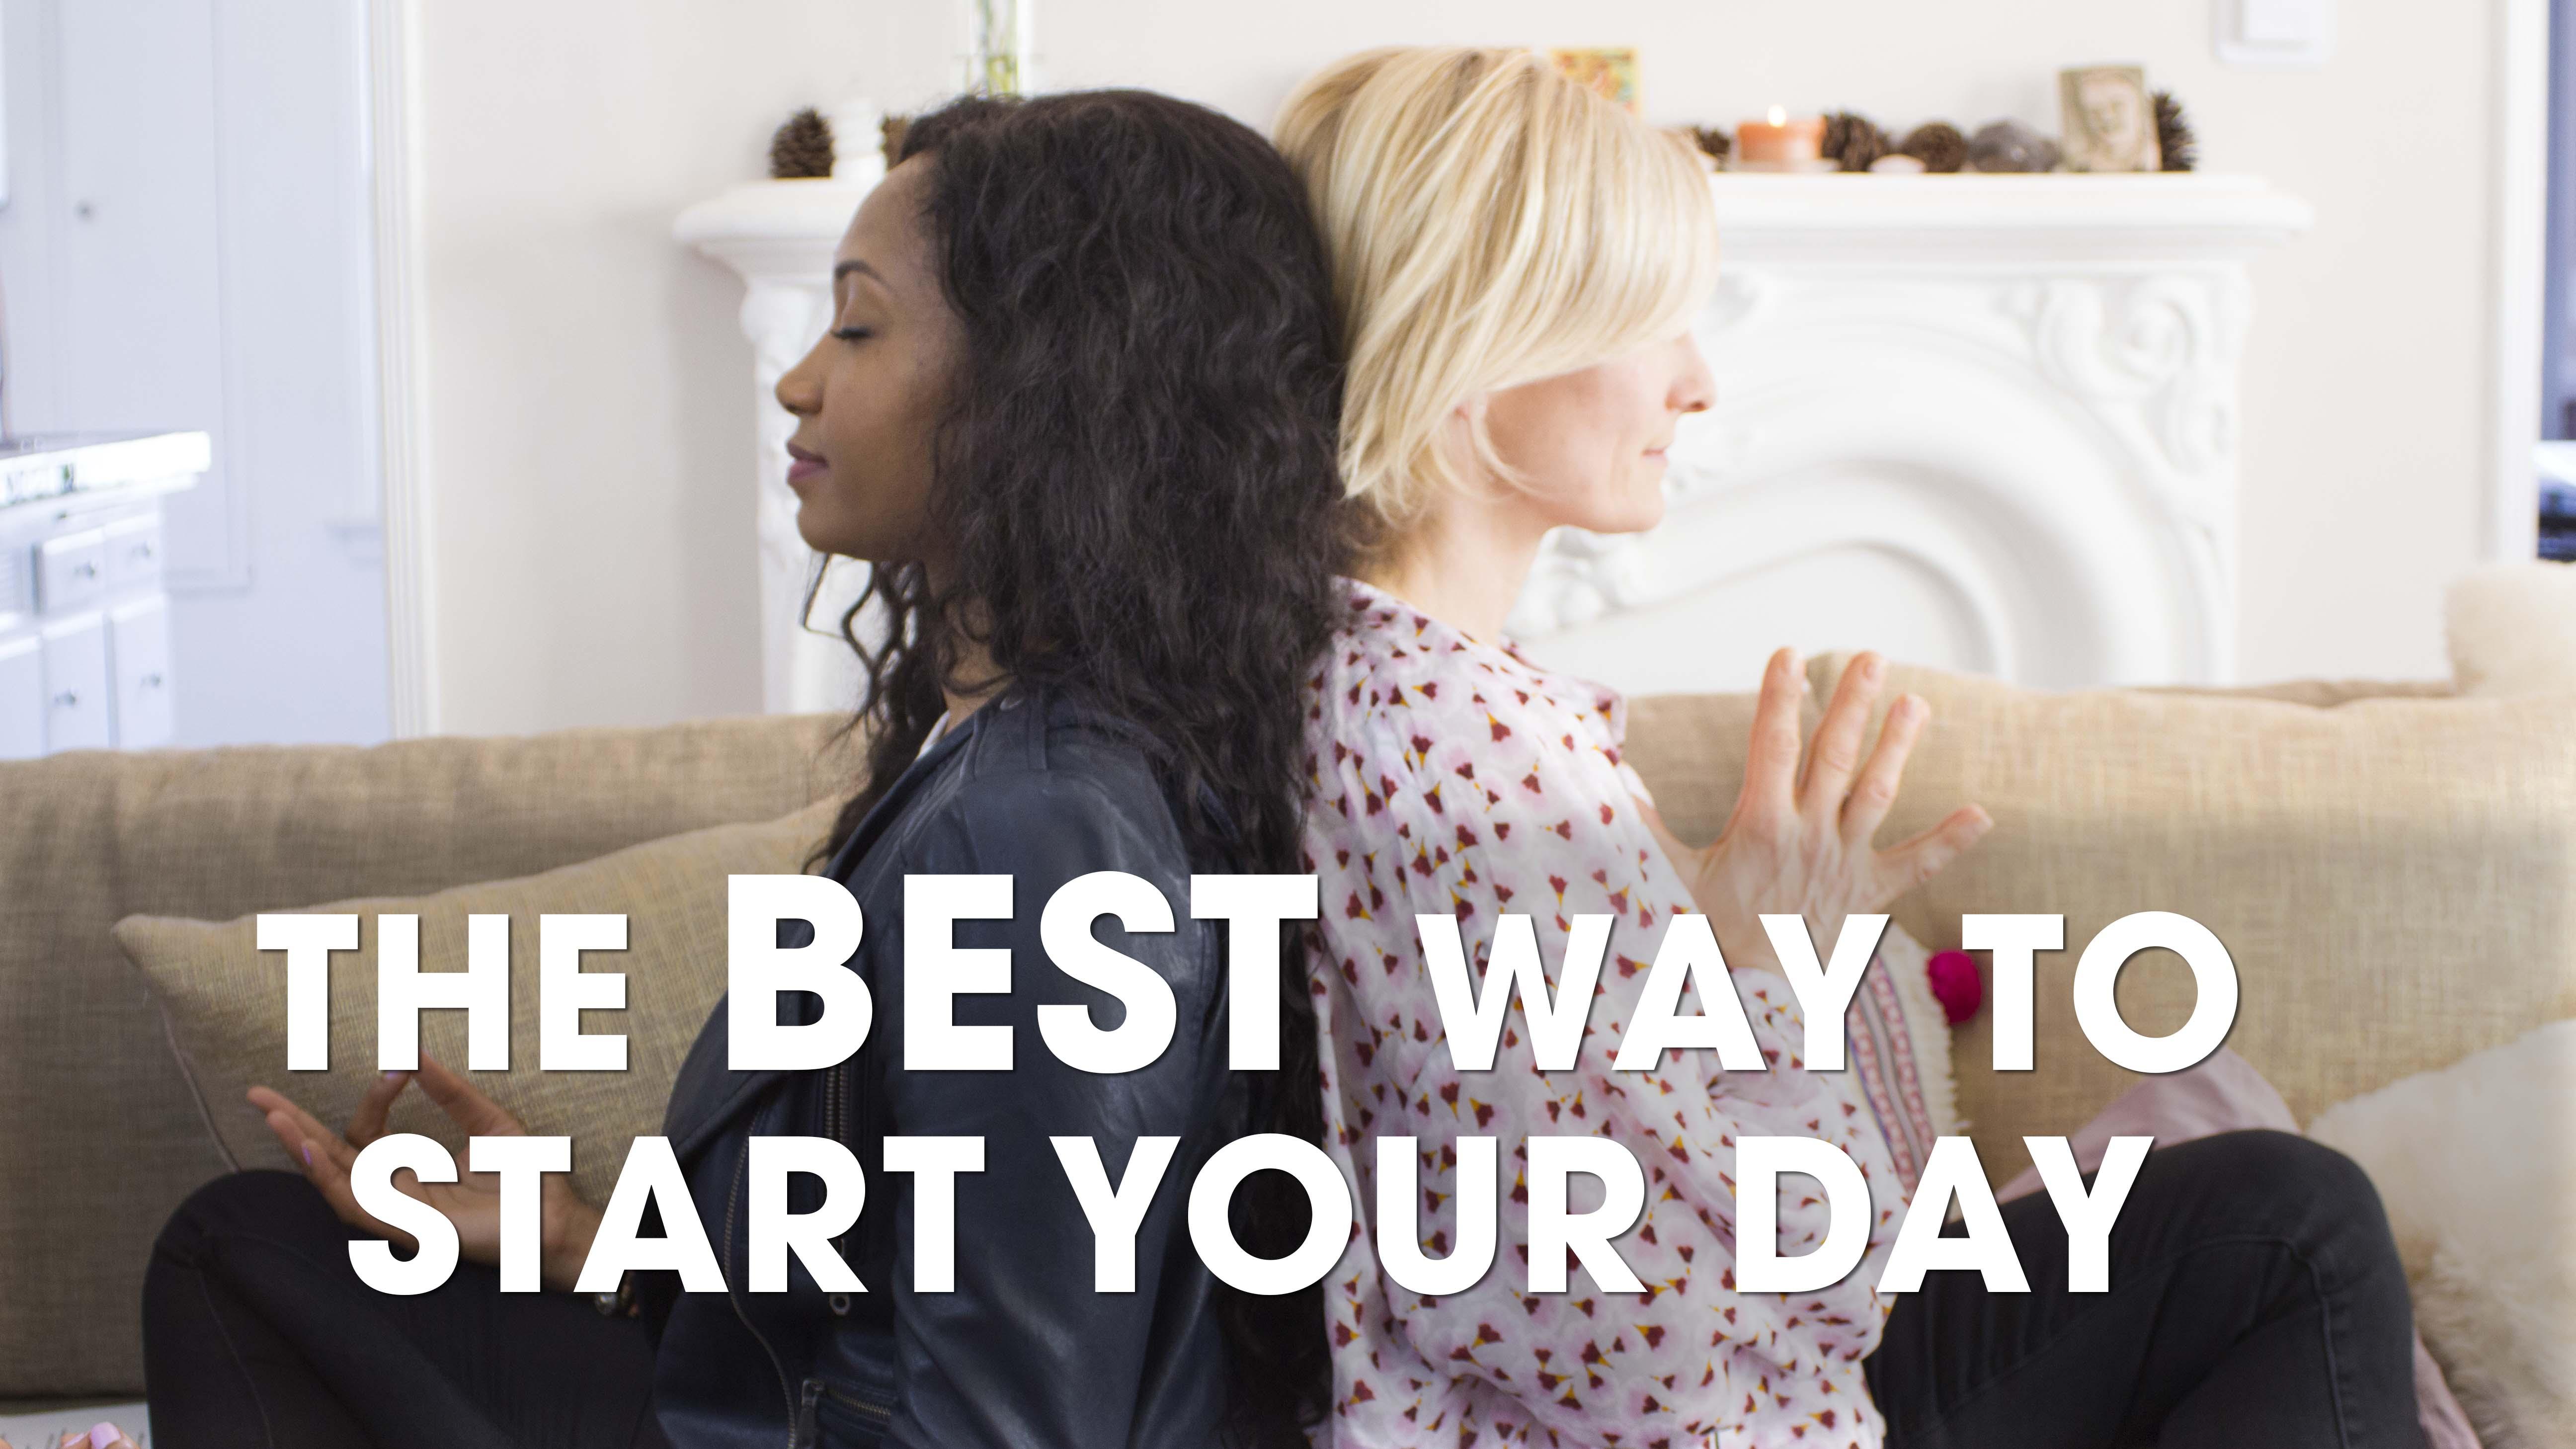 The Best Way To Start Your Day | #HealthyActorSeries | Acting Resource Guru